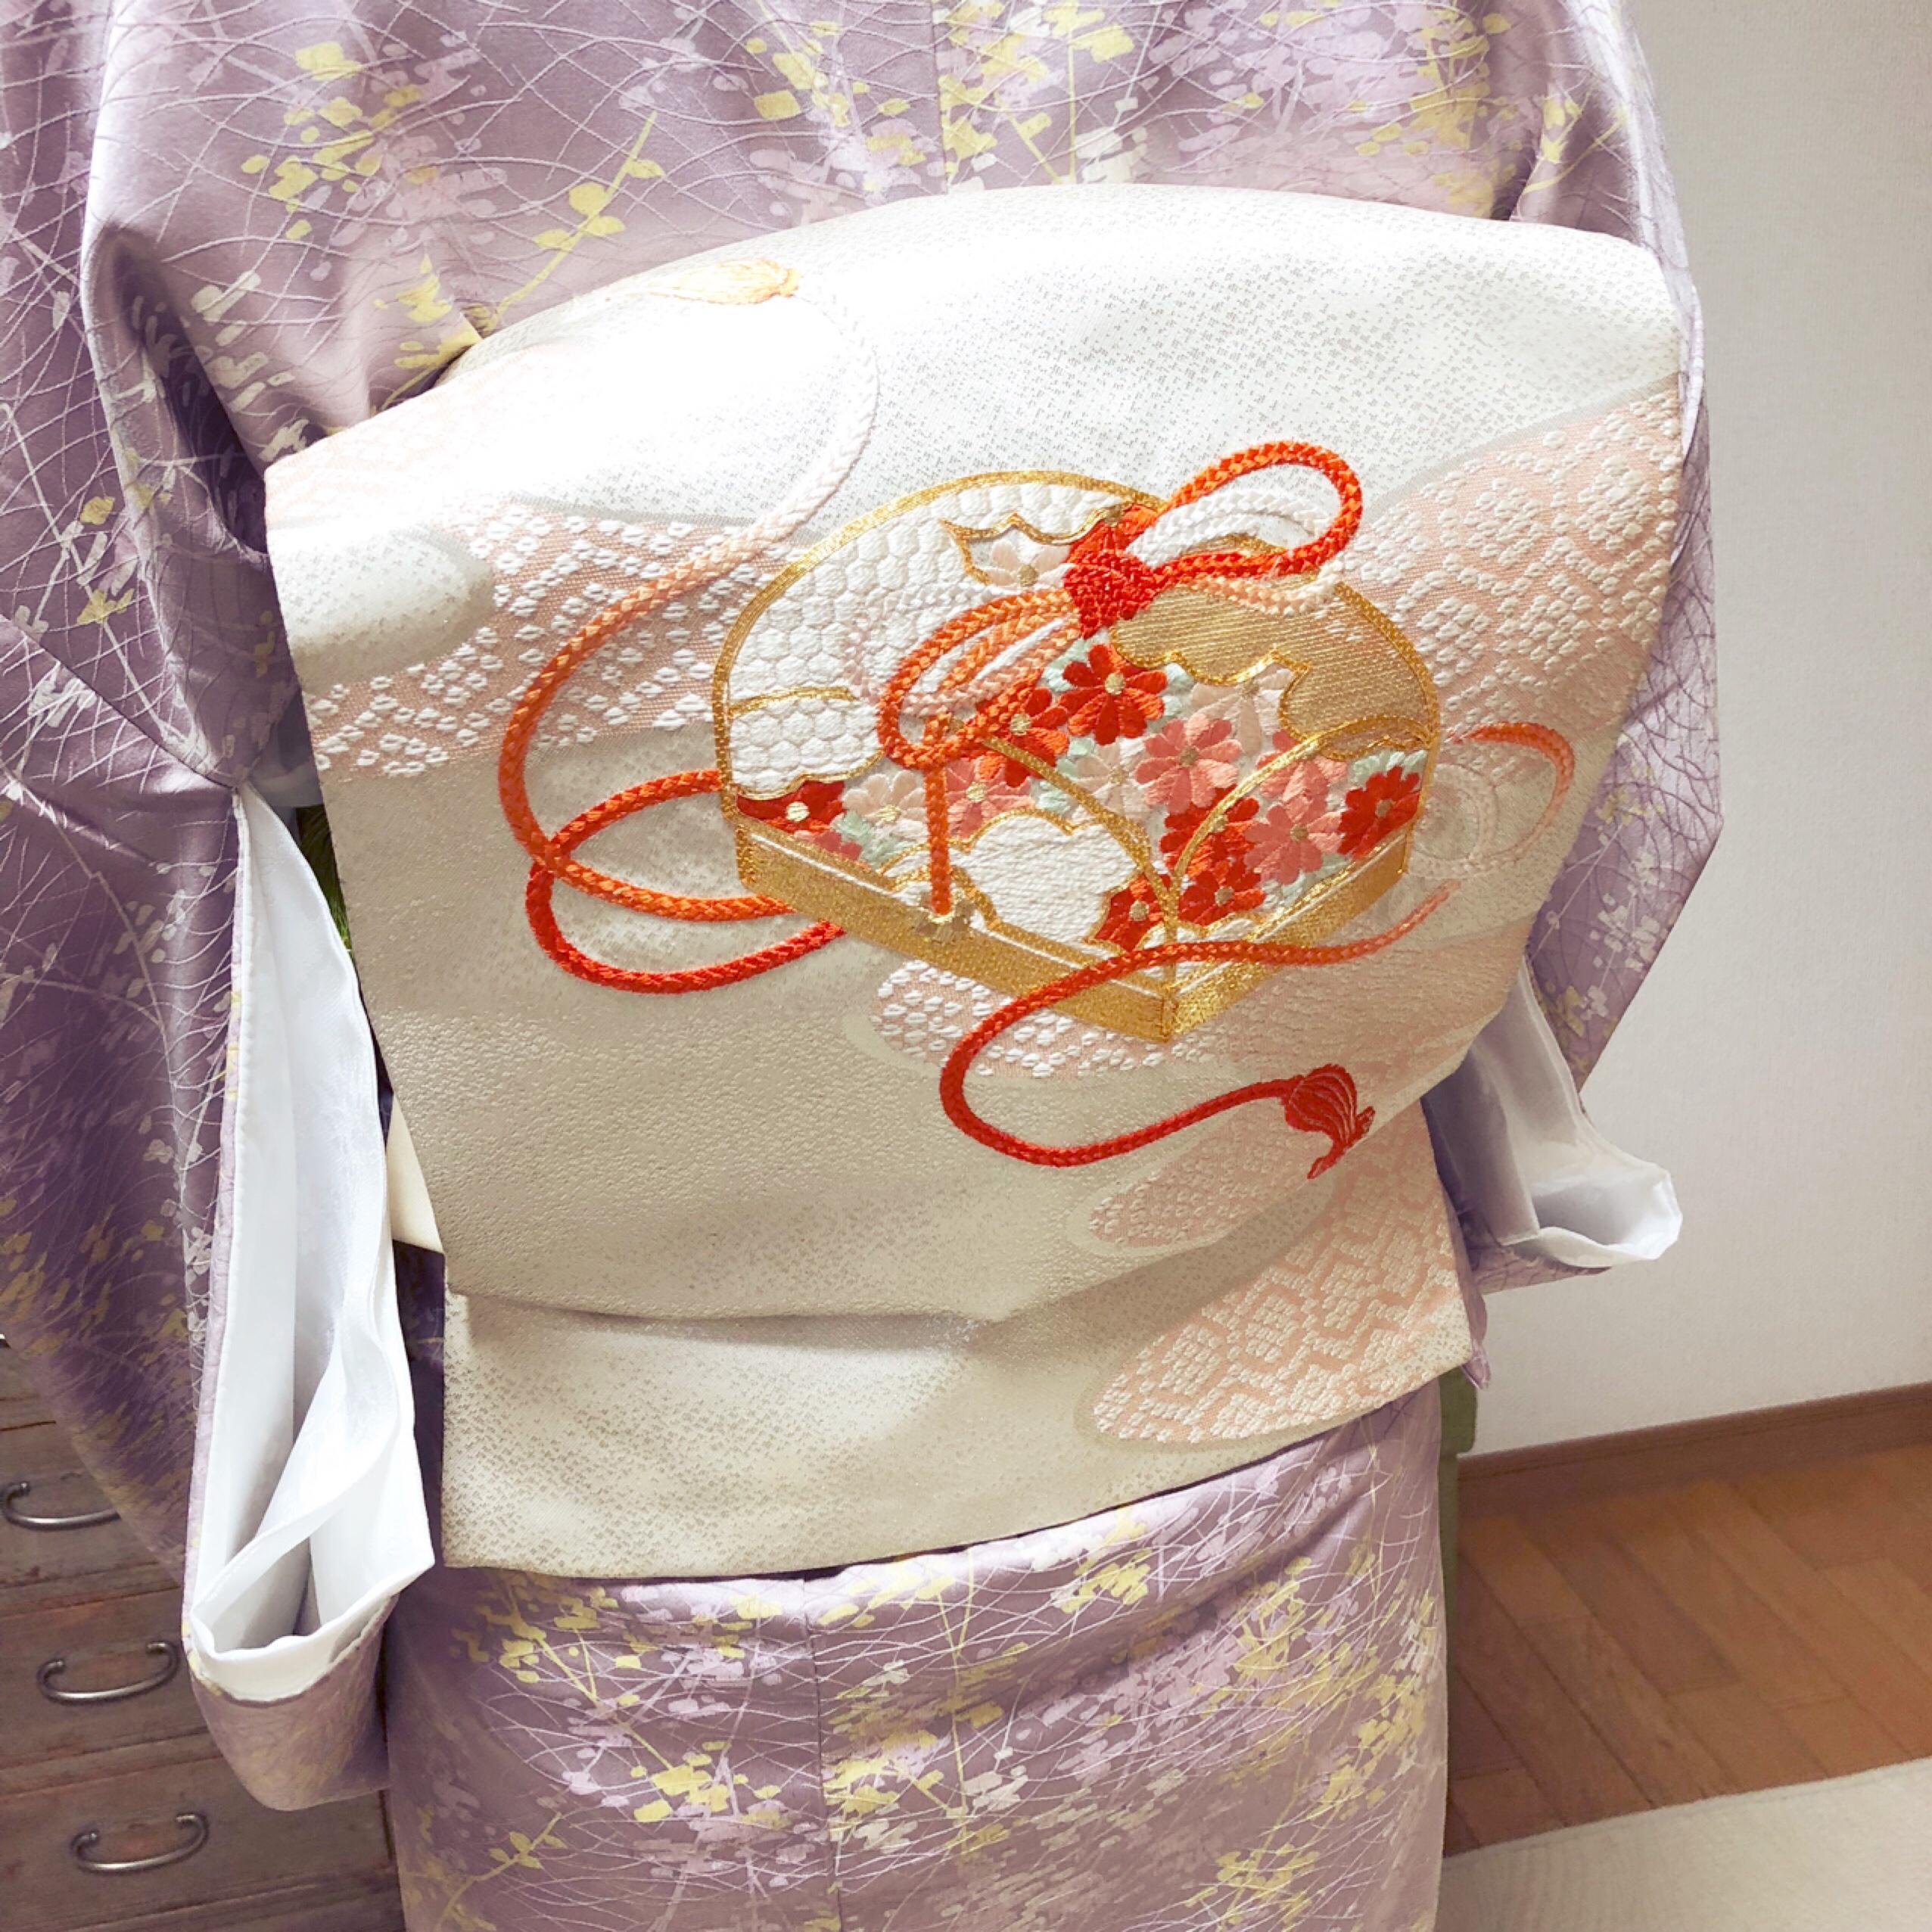 帯がゆるむのは結ぶ過程で何か所かポイントがあります【大阪京橋の着付け教室きものたまより】